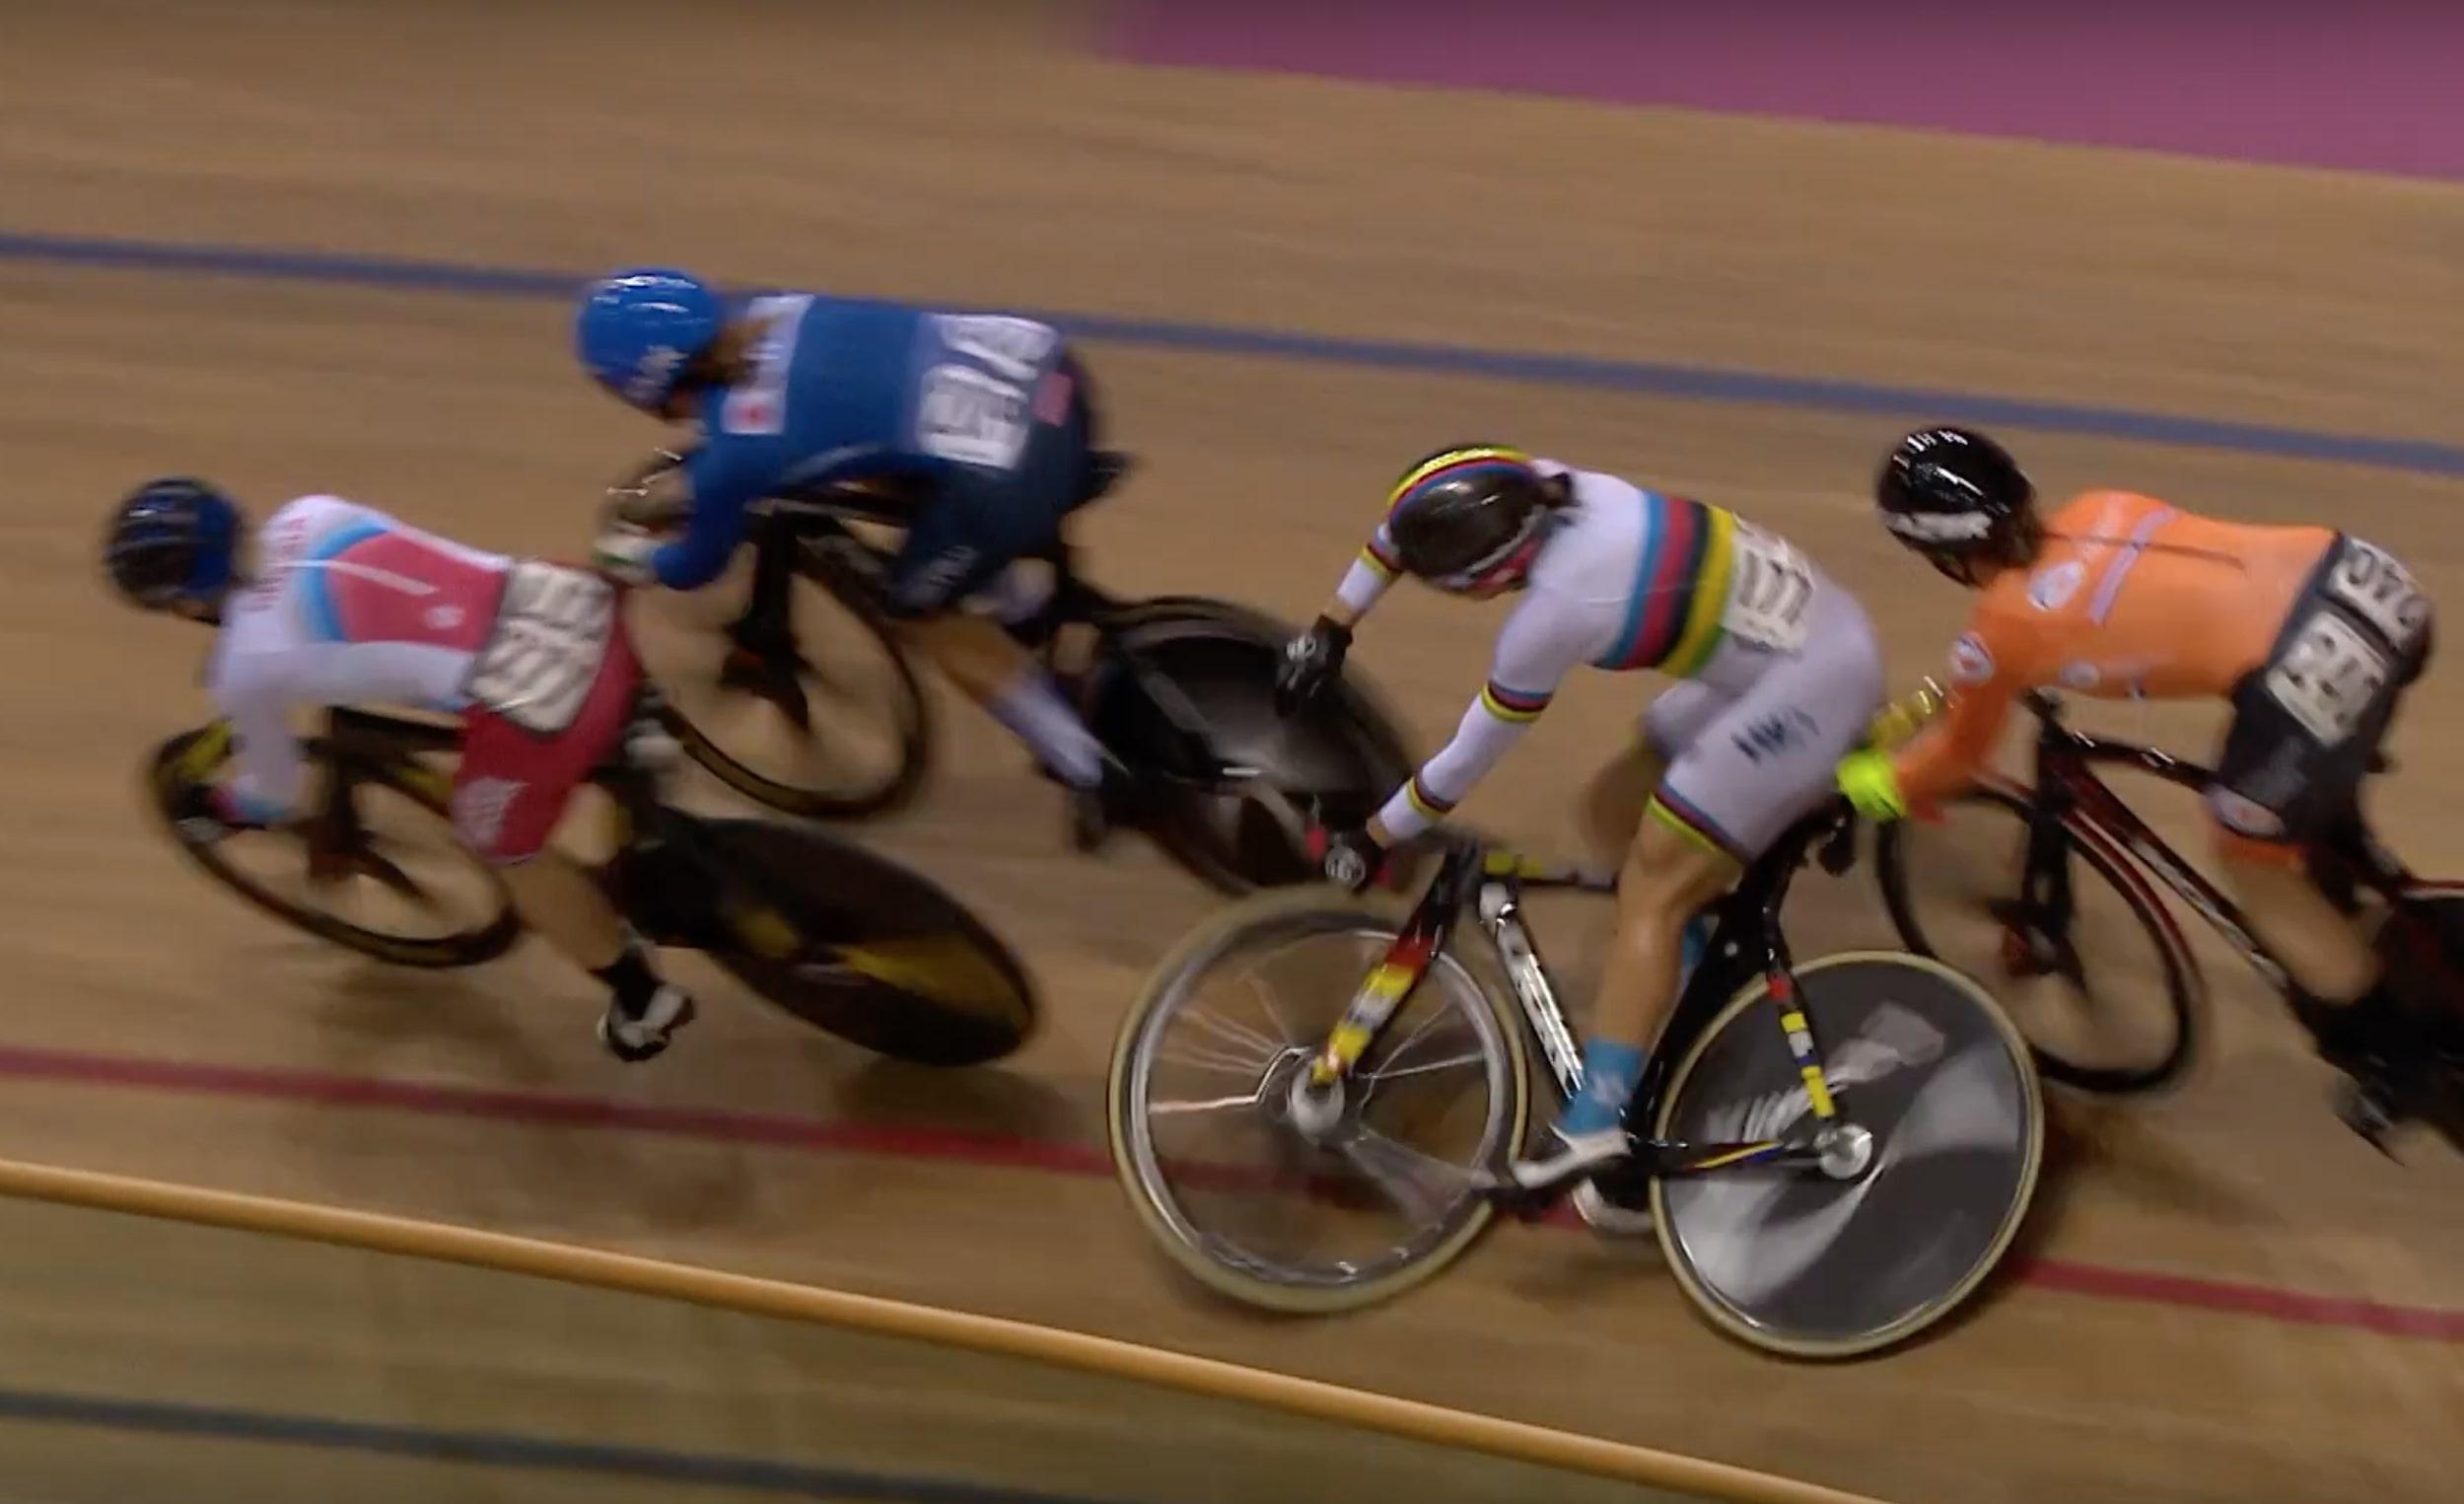 李慧詩(彩虹戰衣)出戰場地單車世界盃英國格拉斯哥站凱林賽,次輪第五圈發生意外跌倒,無法完成比賽。UCI網上直播截圖